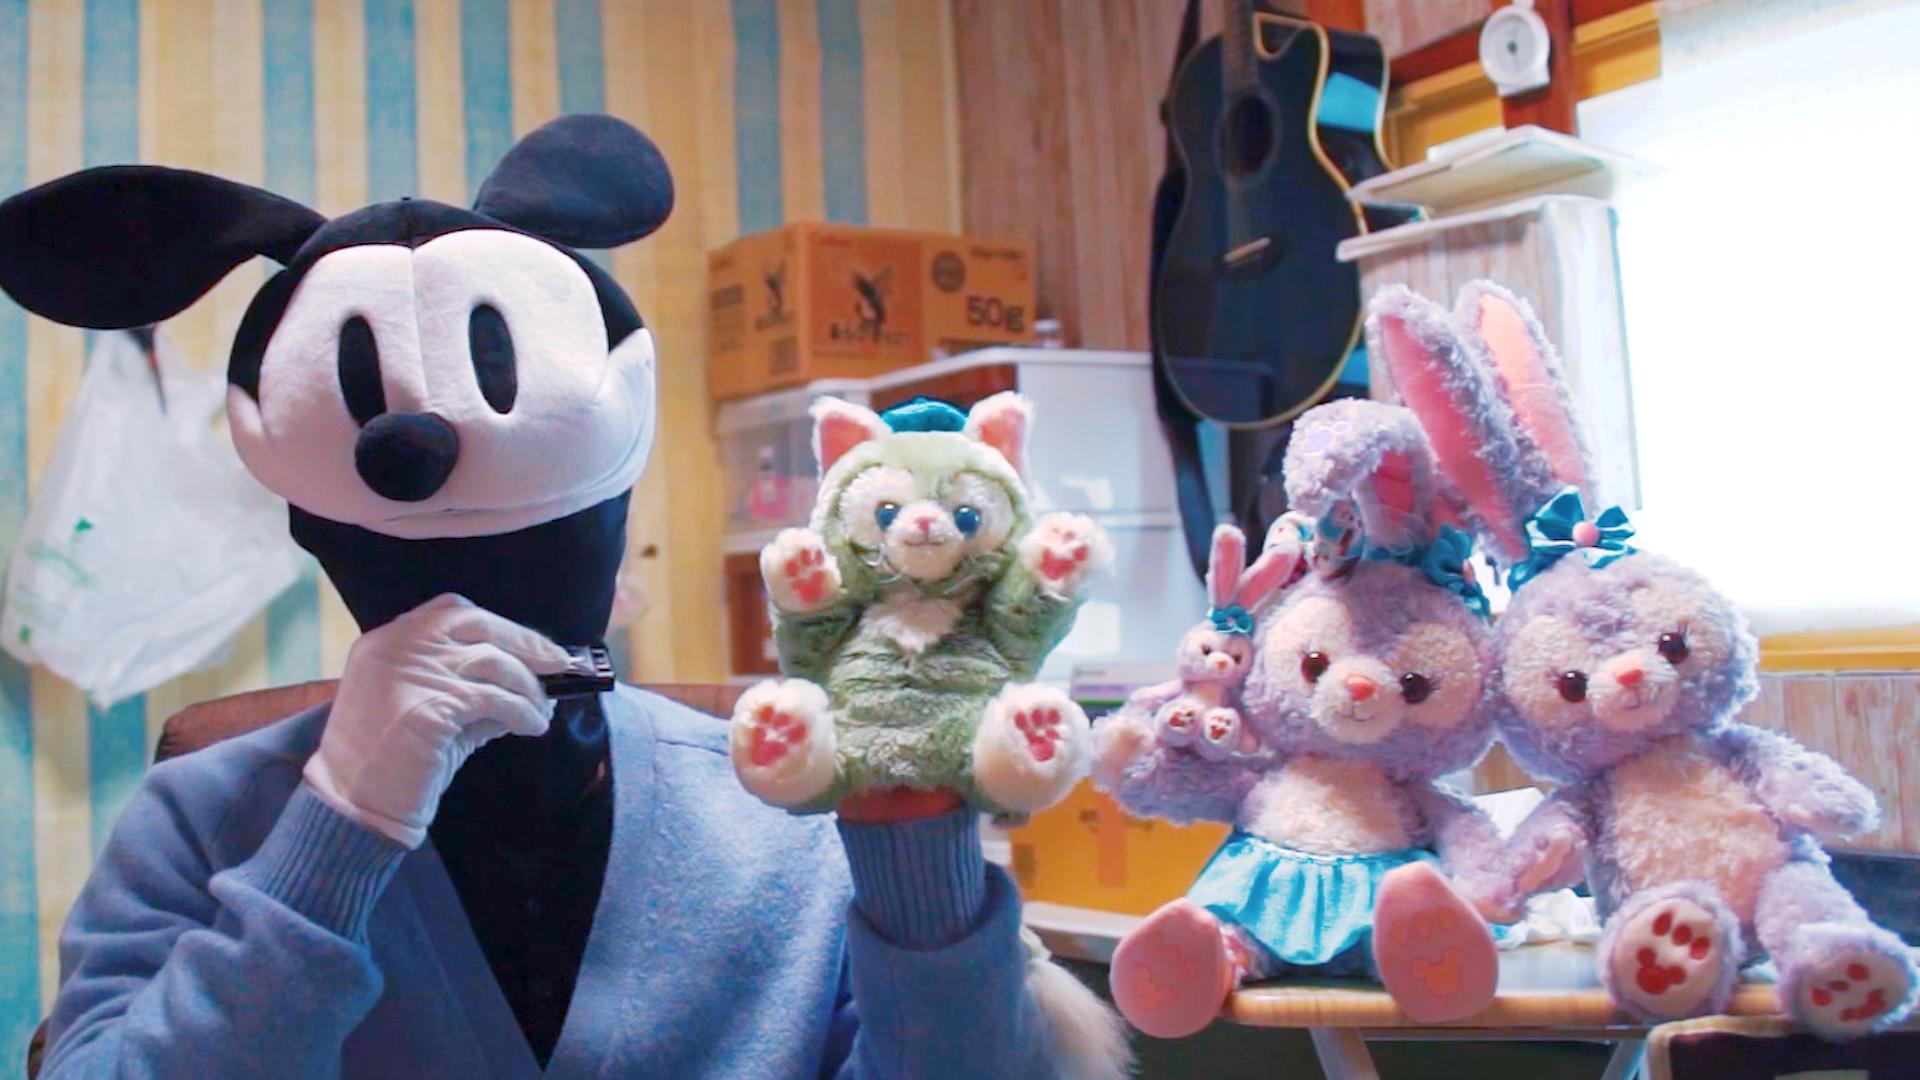 おそらく女子ウケNO.1のハーモニカ曲。それは「ミッキーマウスマーチ」。そしてDisneyの魔法は後から効いてくる。